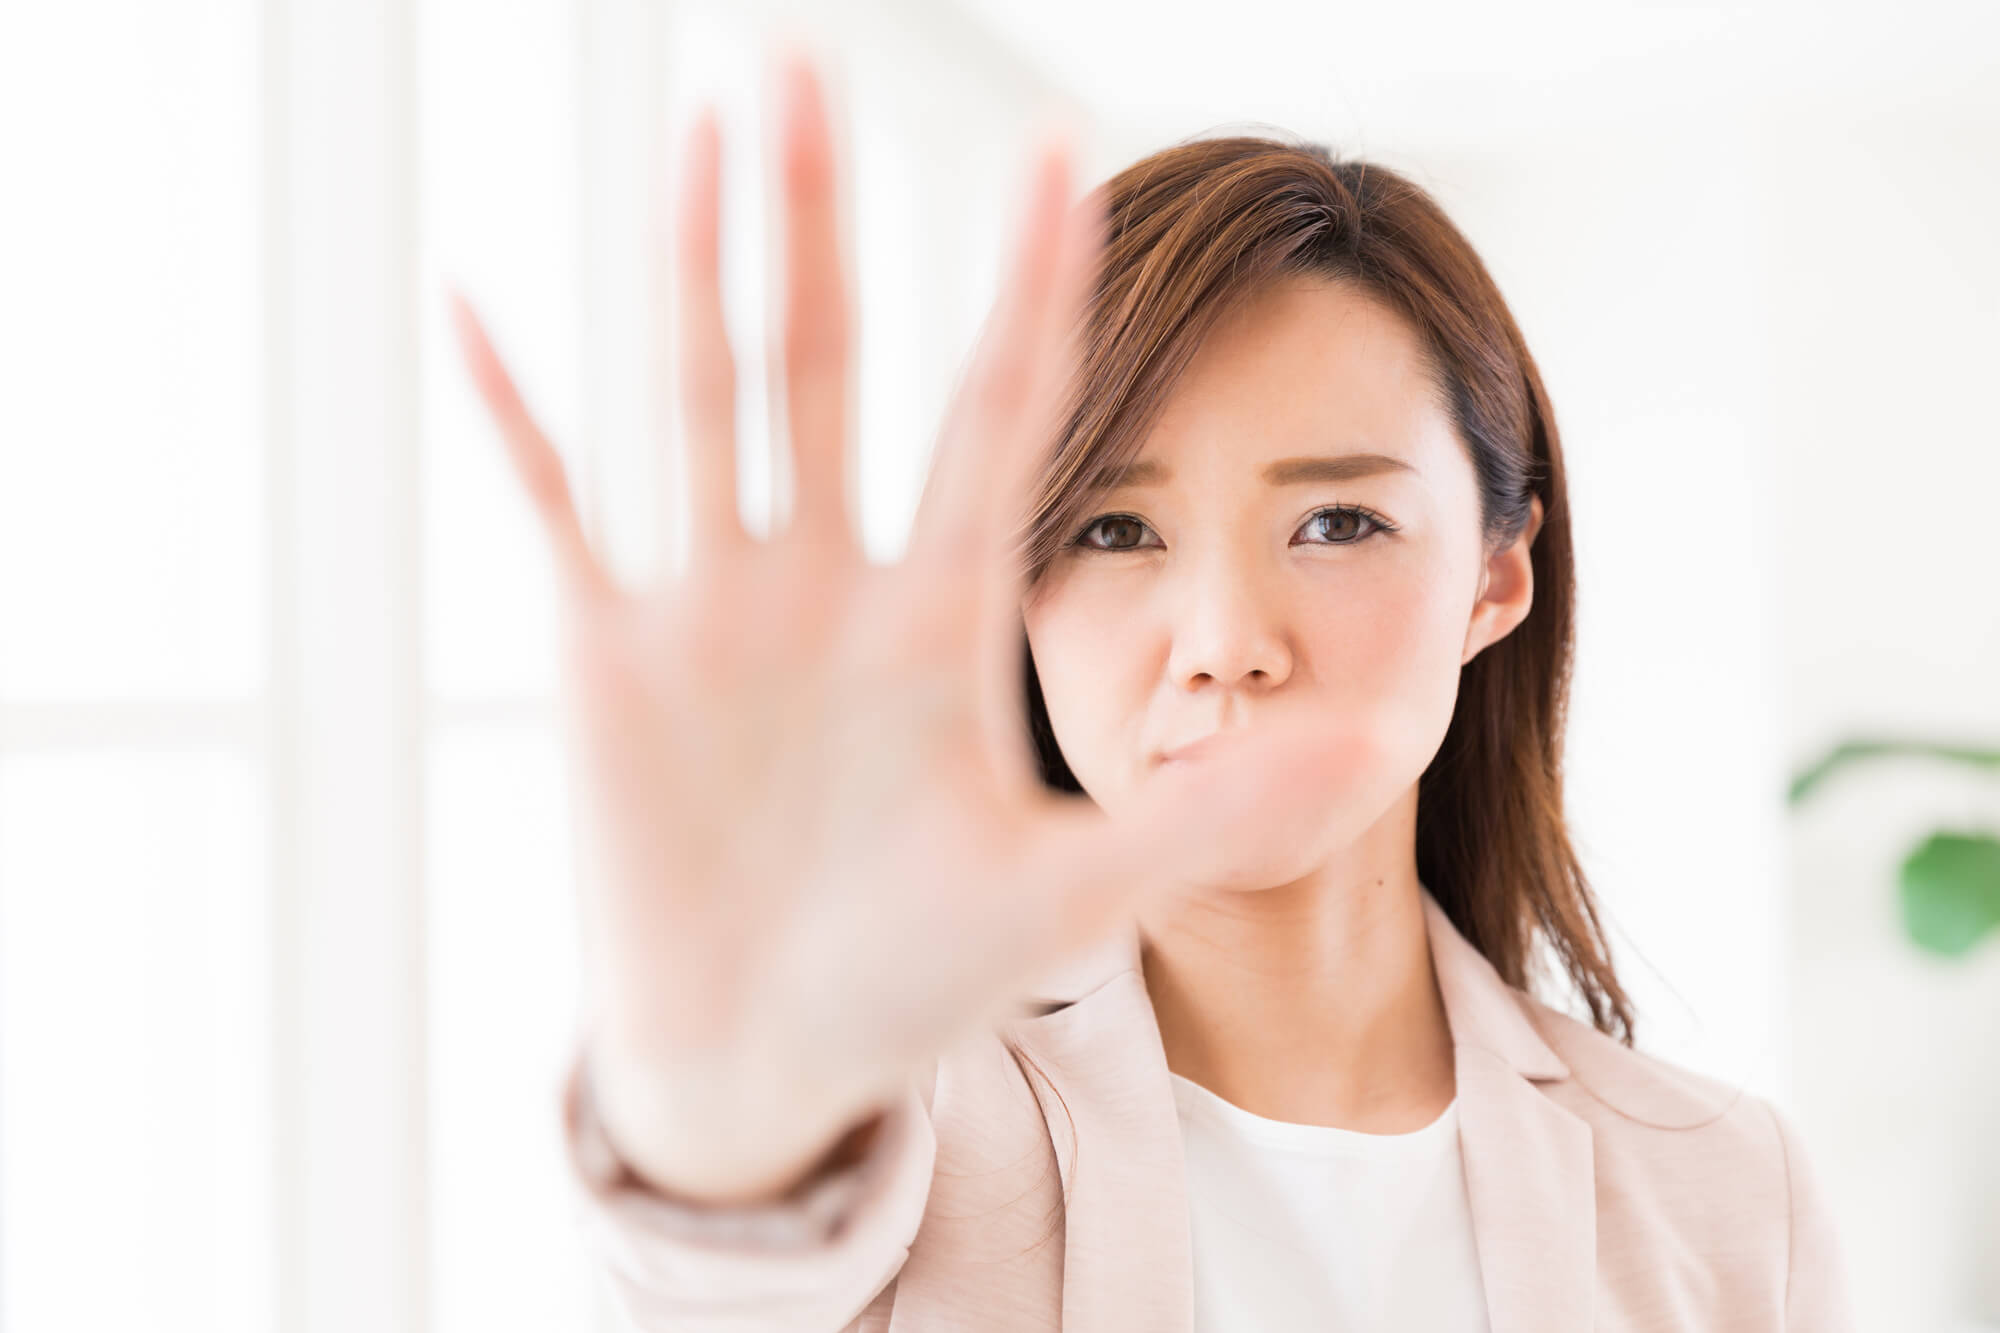 賃貸マンションの申込時に注意すべき4つのポイント【お部屋探し初心者必読!】